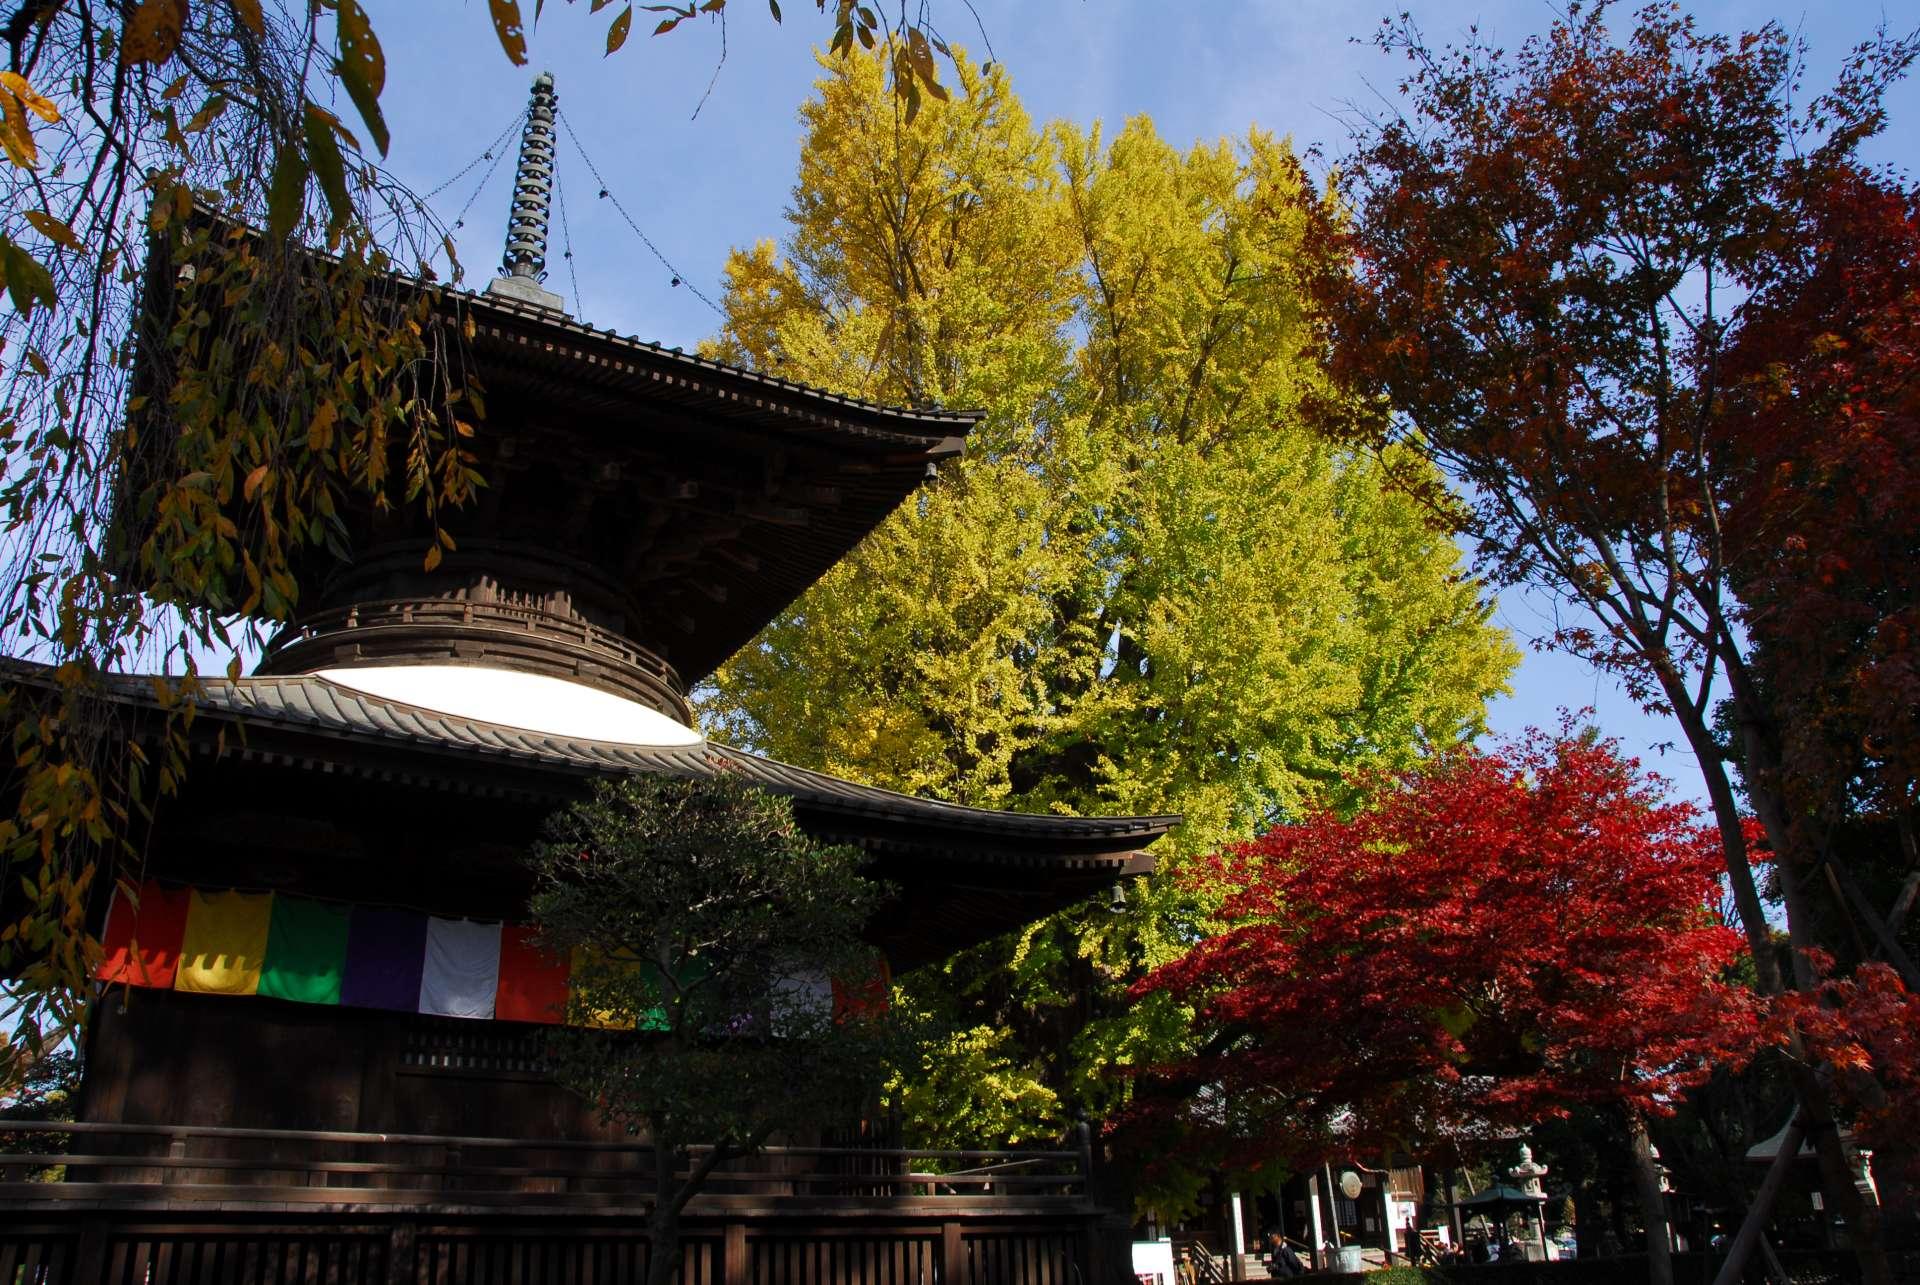 多宝塔和背景的大银杏,加上周围的红叶共同编织出迷人的景致。